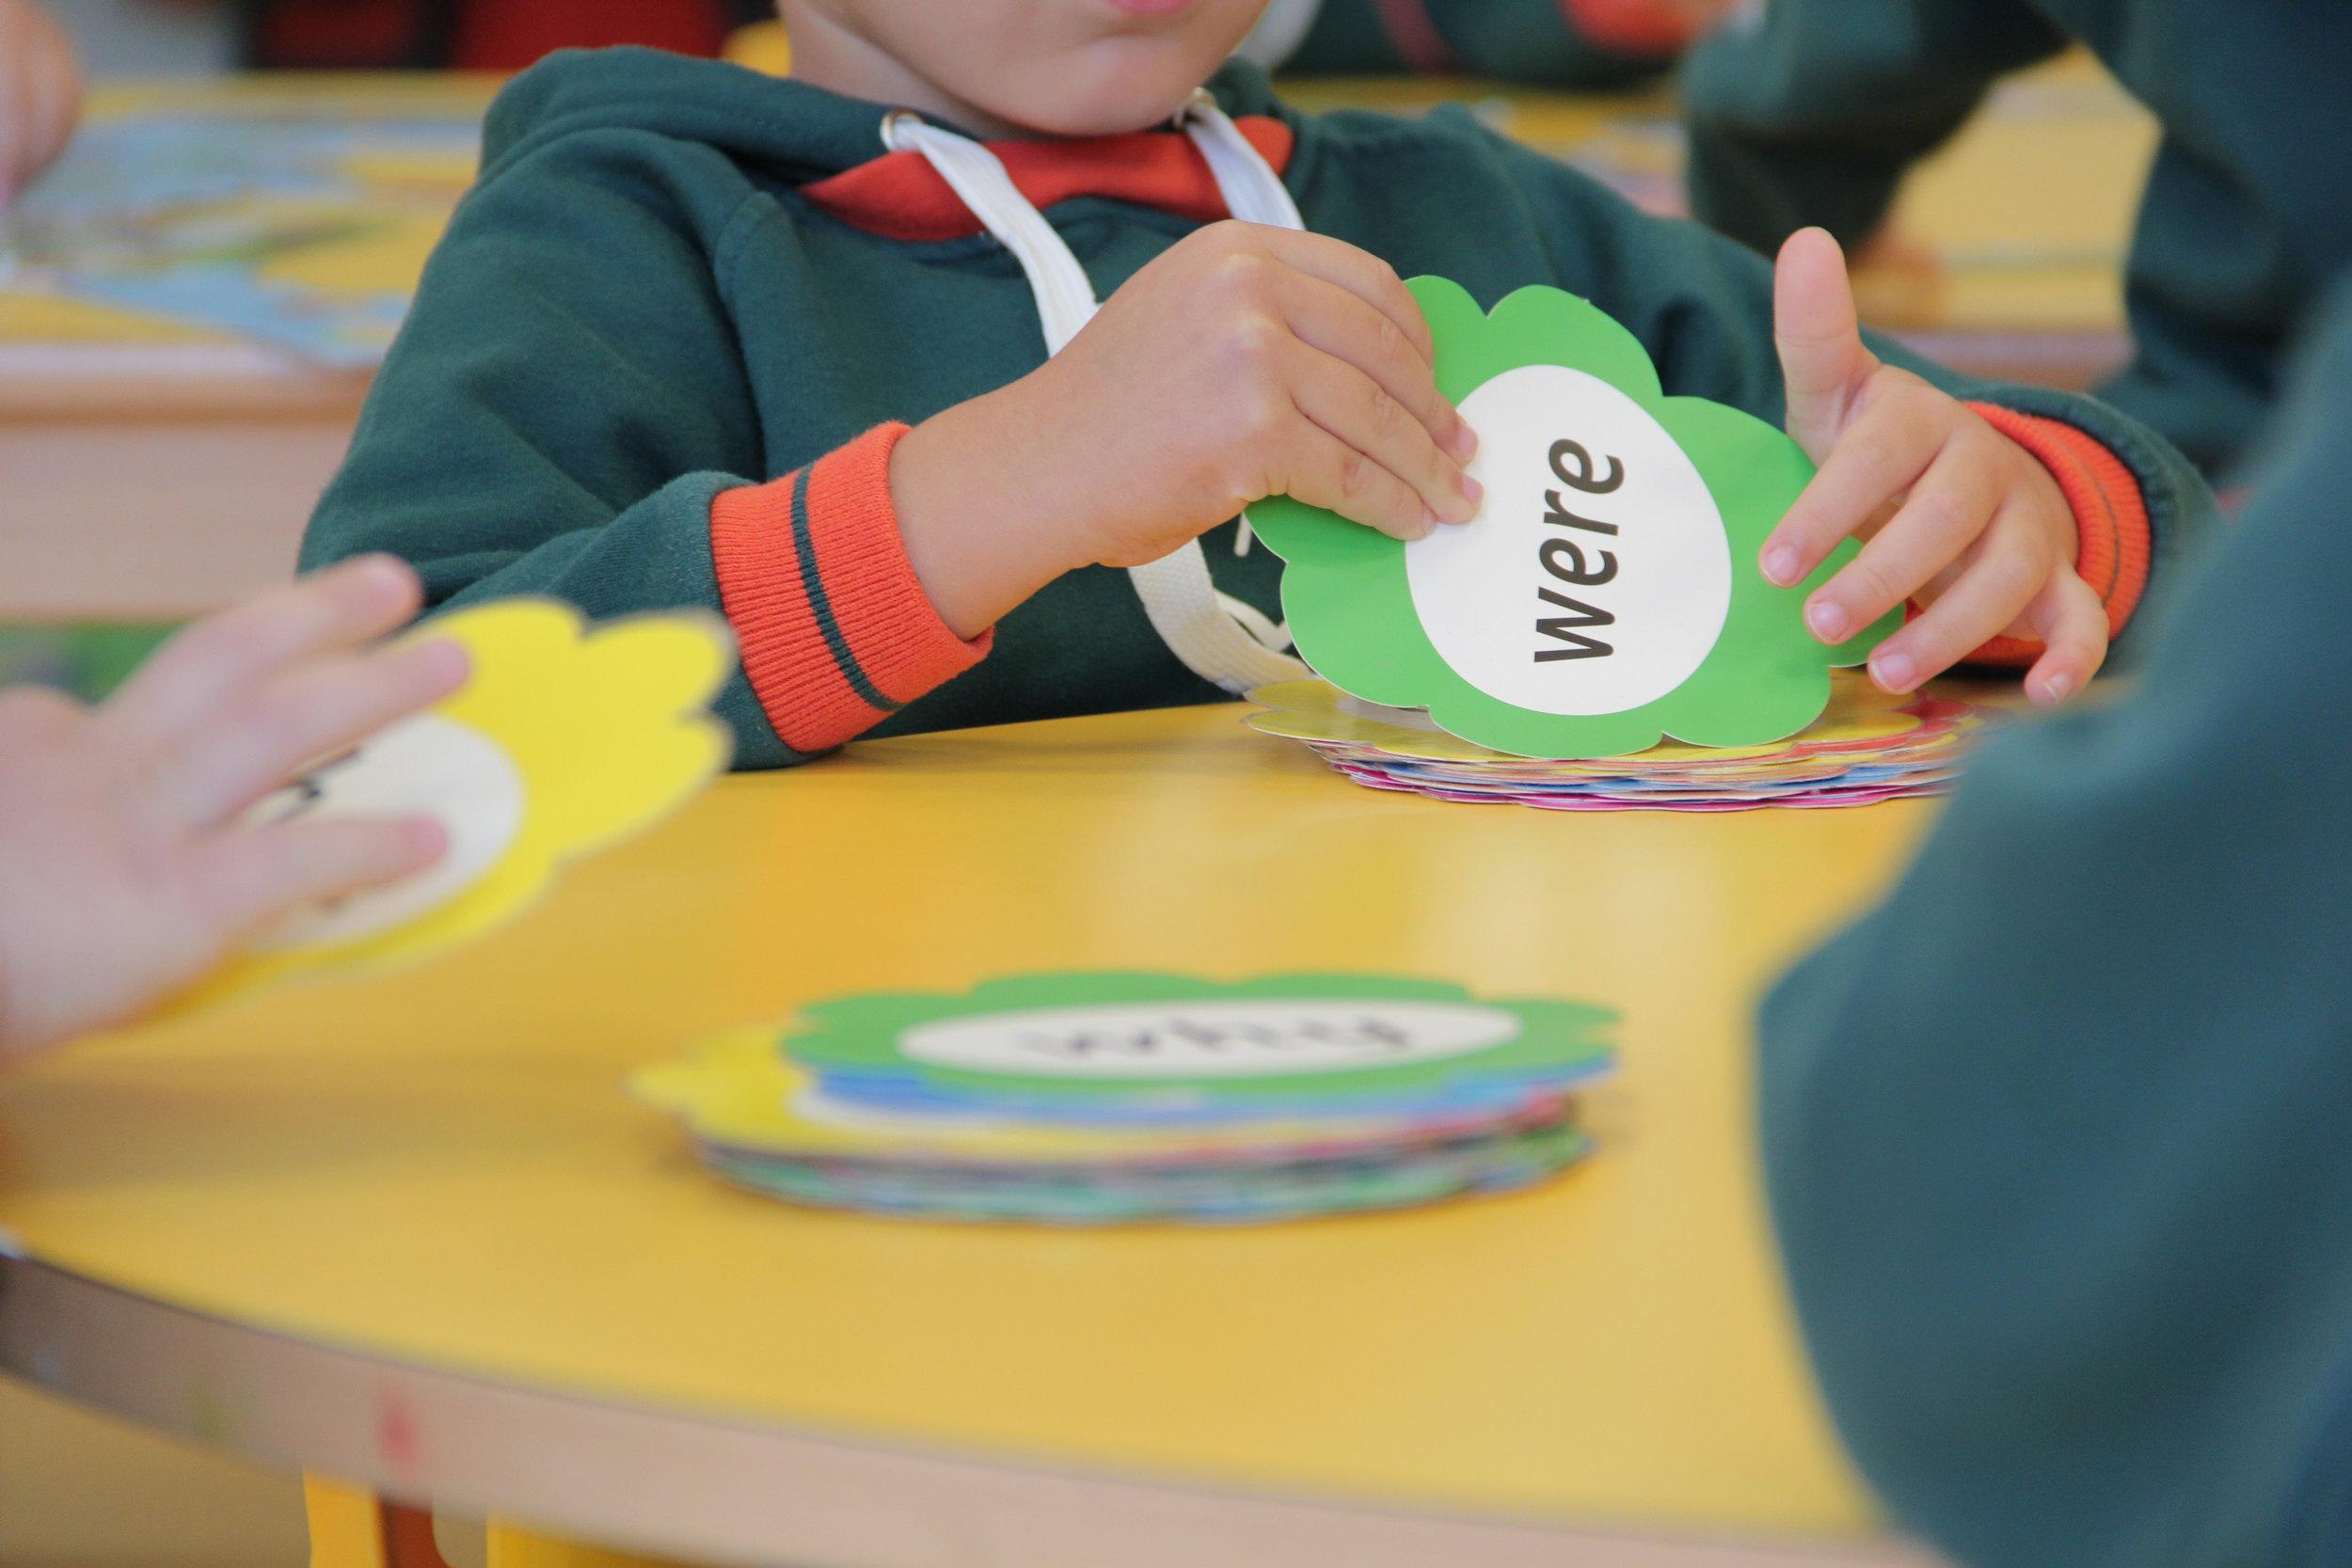 La escuela multilingüe por excelencia - Trabajamos todos los días para convertirnos en la escuela multilingüe de referencia en Barcelona al ser accesibles, inclusivos, multidisciplinarios, con una inmersión total en inglés y ofreciendo los mejores programas internacionales con el objetivo de mejorar las habilidades de cada niño y niña y crear el mayor número de conexiones sinápticas posibles.St. Patrick's es la respuesta a la necesidad de innovar en el campo de la educación al establecer en la escuela los valores de empatía, creatividad, descubrimiento, diversidad, iniciativa y motivación para aprender.